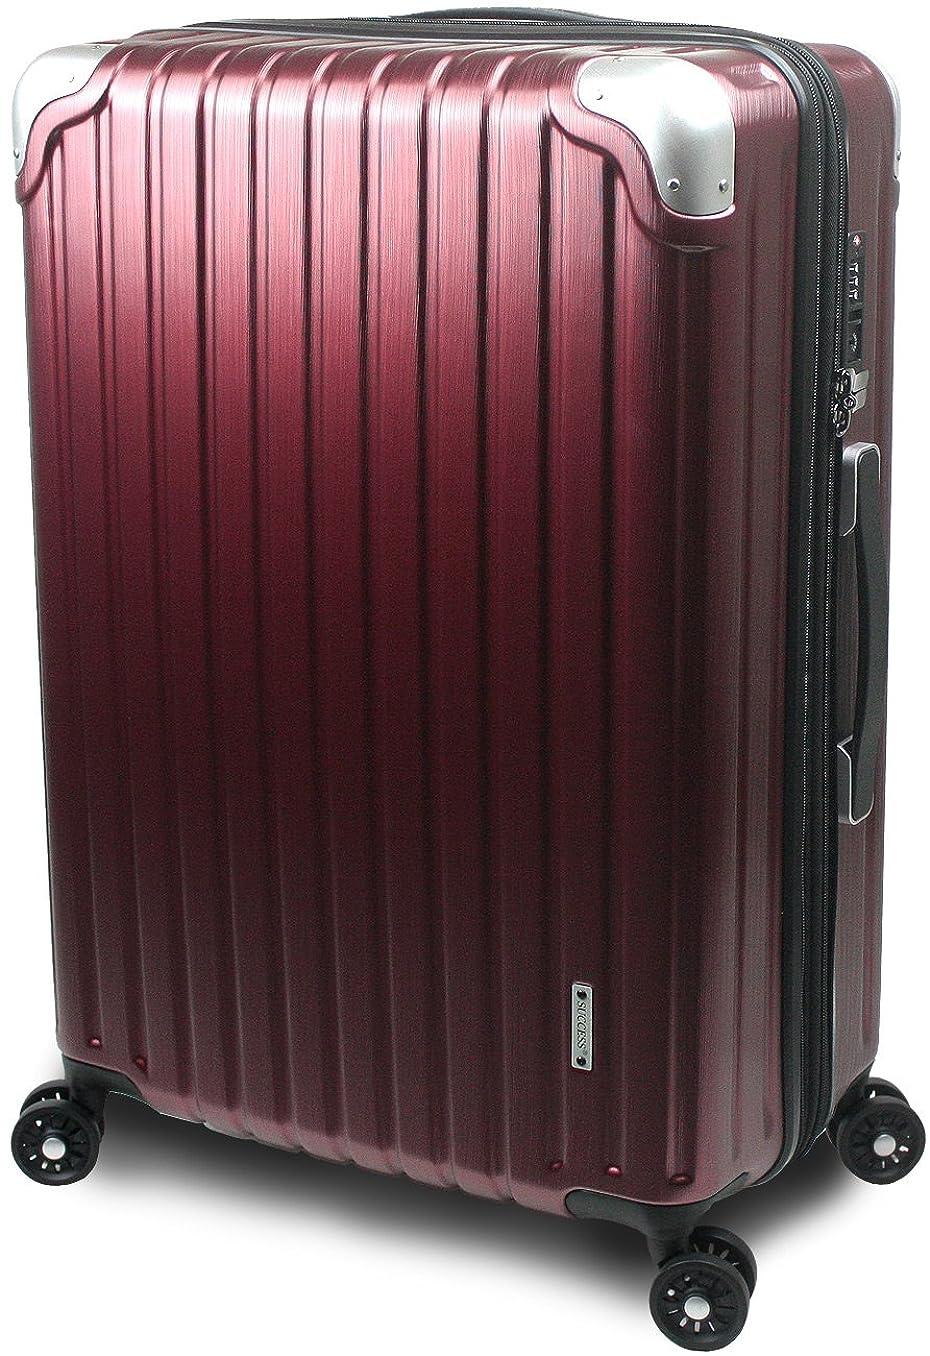 名誉ある上級写真のスーツケース キャリーバッグ 3サイズ( Lサイズ 大型/LMサイズ J型/Mサイズ 中型)ダブルファスナー 4輪 フレグランス2020